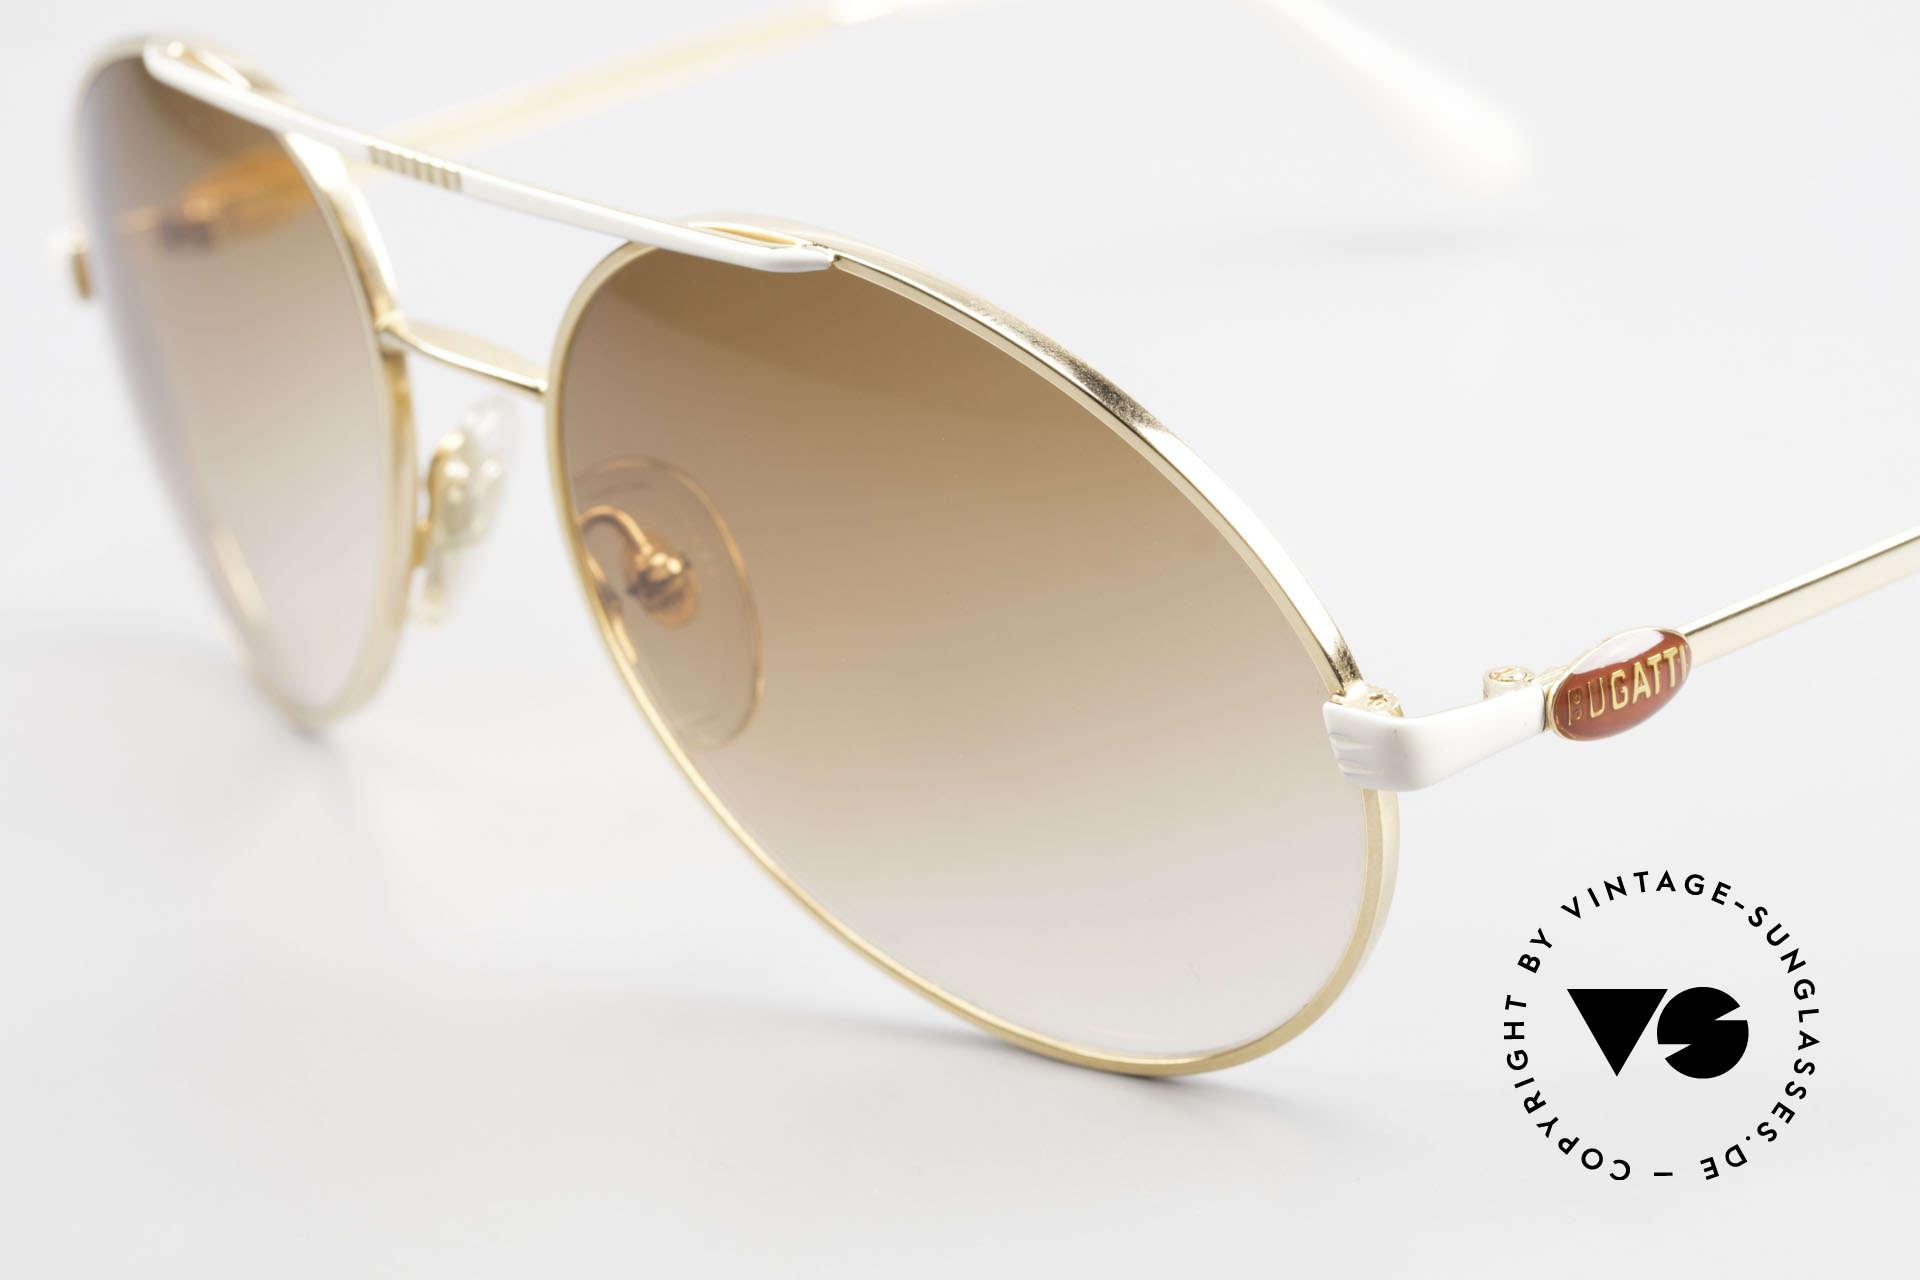 Bugatti 64317 Herren Sonnenbrille Vintage, ungetragen; wie all unsere seltenen vintage Bugattis, Passend für Herren